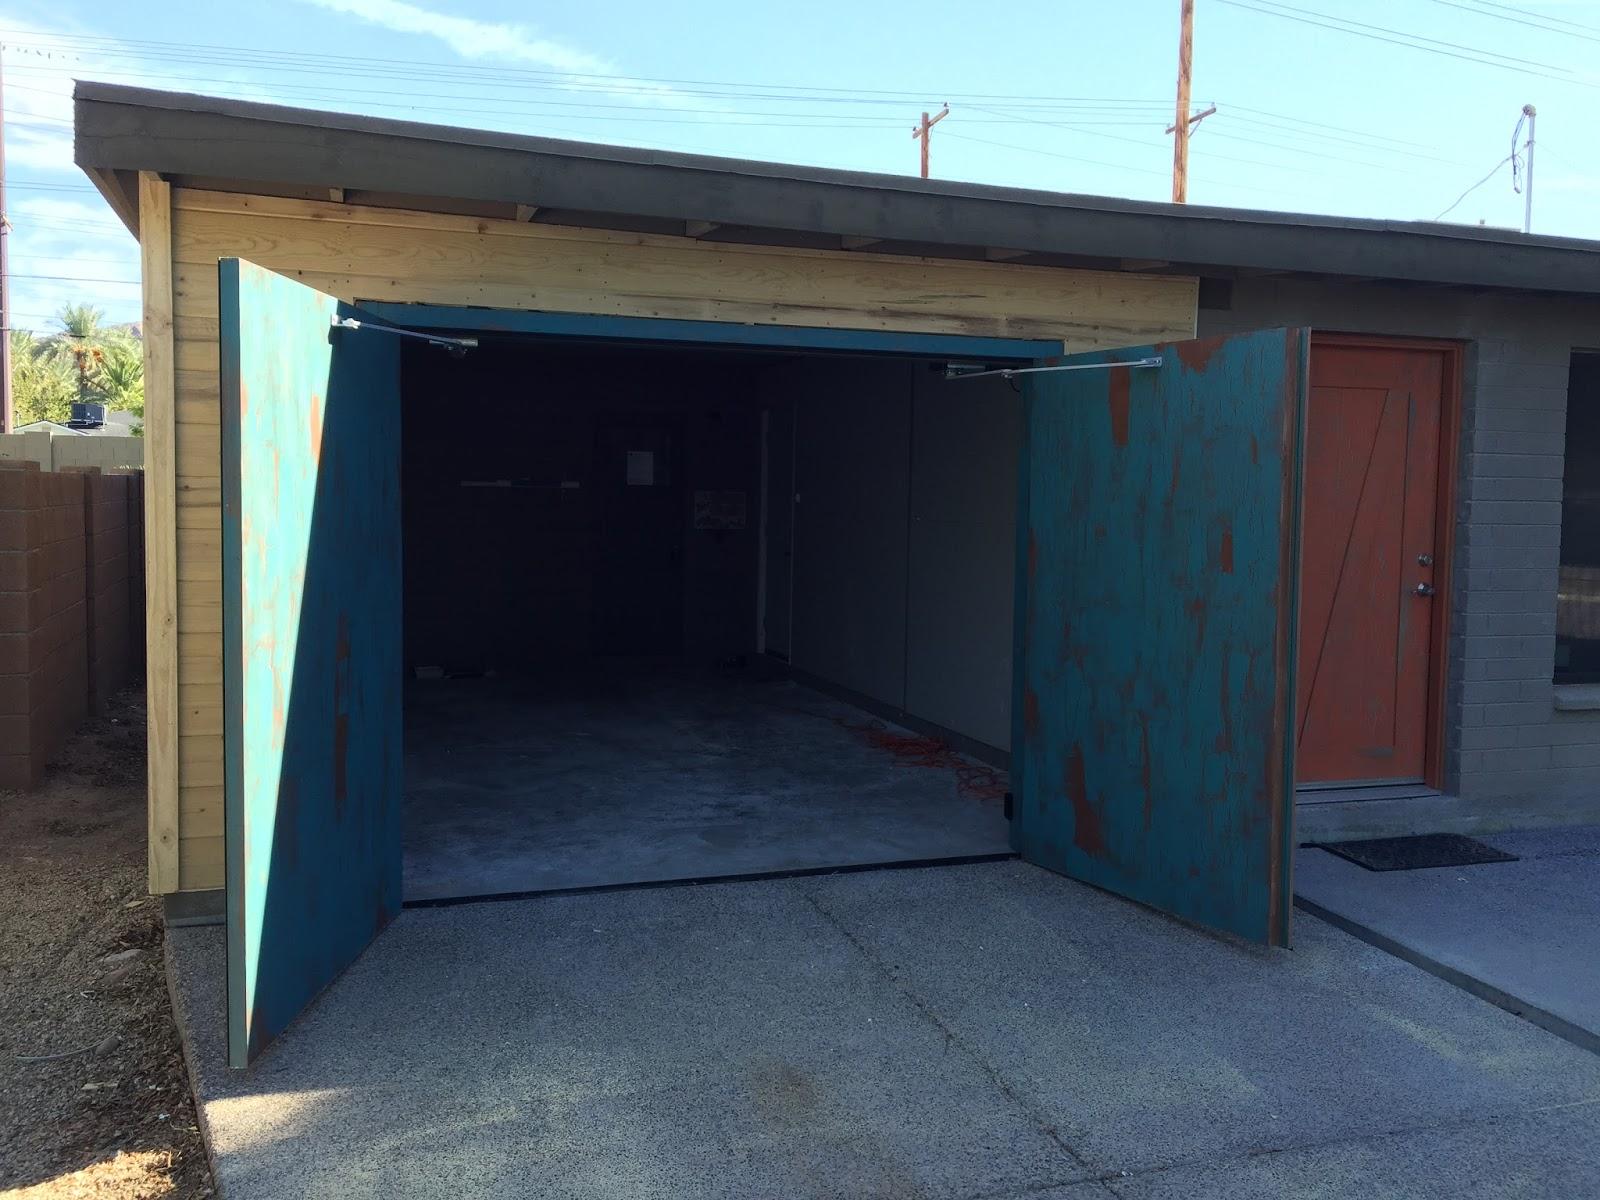 Garage Doors That Swing Open Decor23